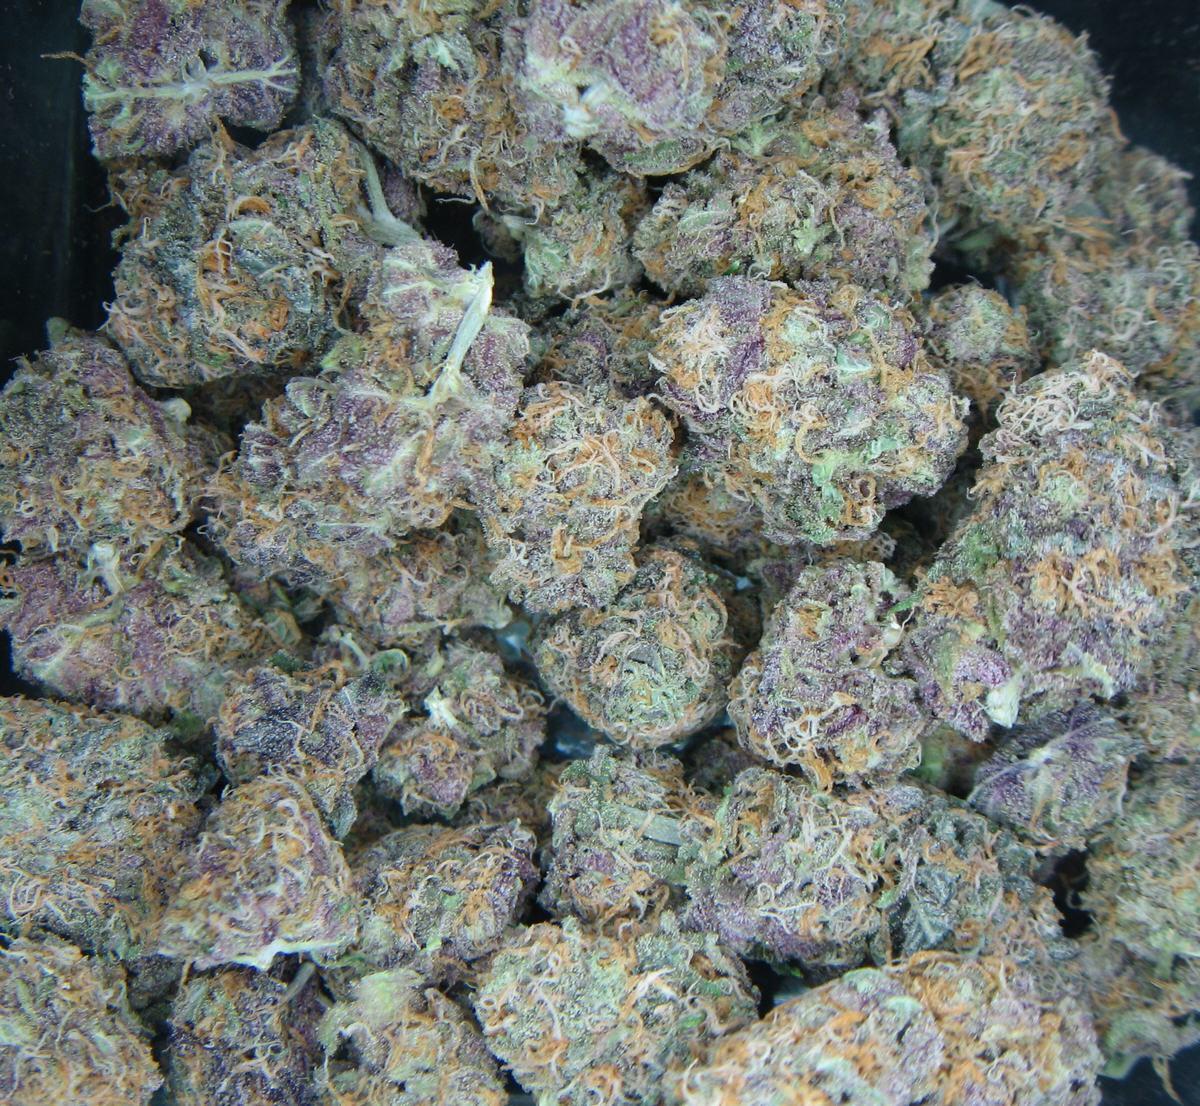 Les variétés à base d'OG Kush sont excellentes pour l'usage médical de la marijuana